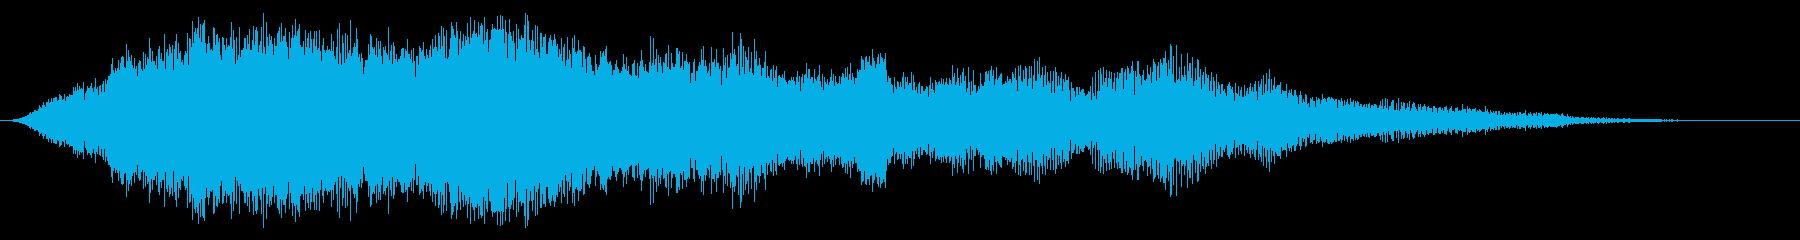 ソフトエントランストランジションま...の再生済みの波形